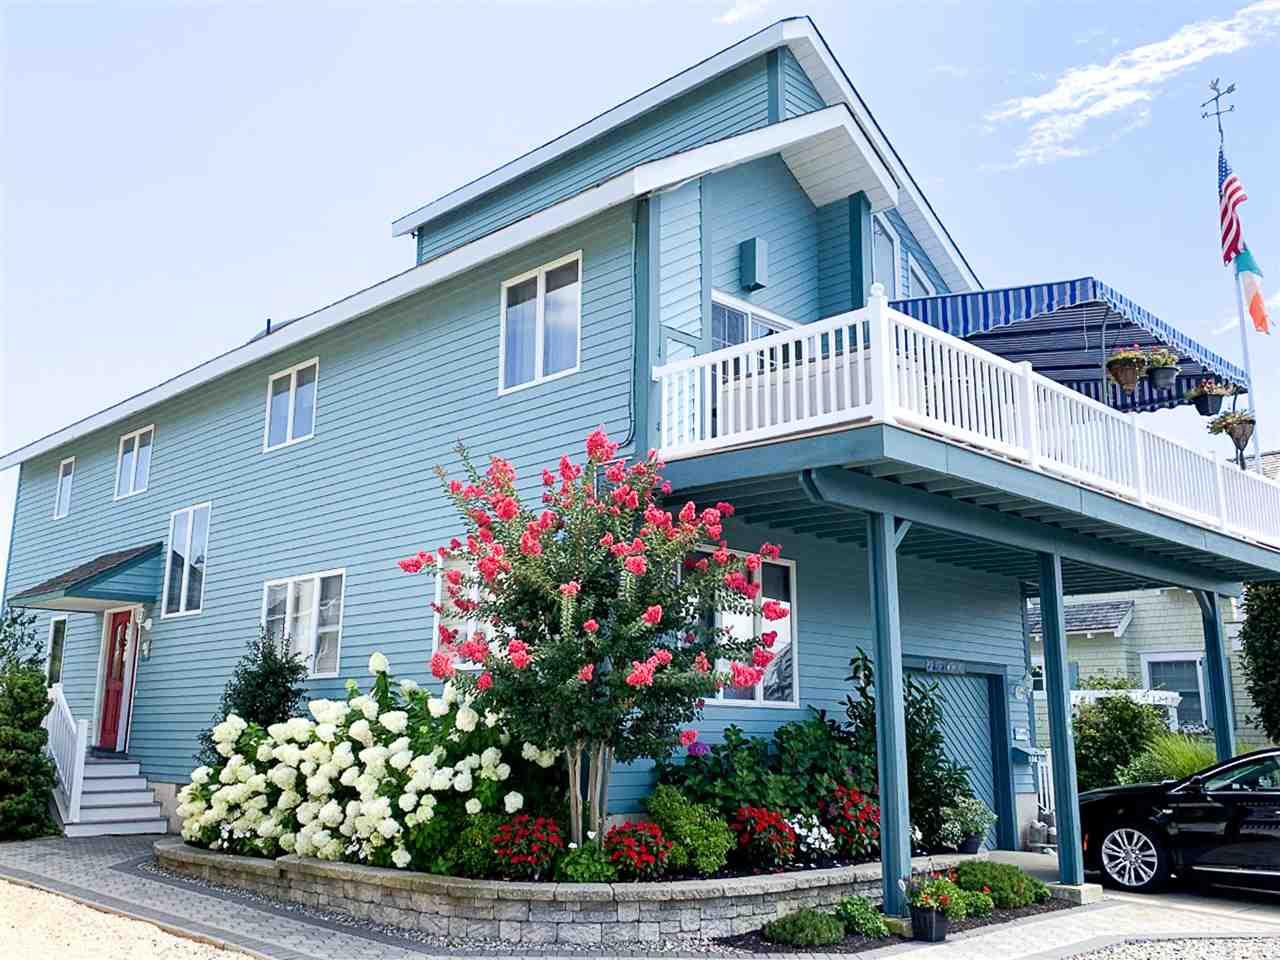 144 104 Street - Stone Harbor